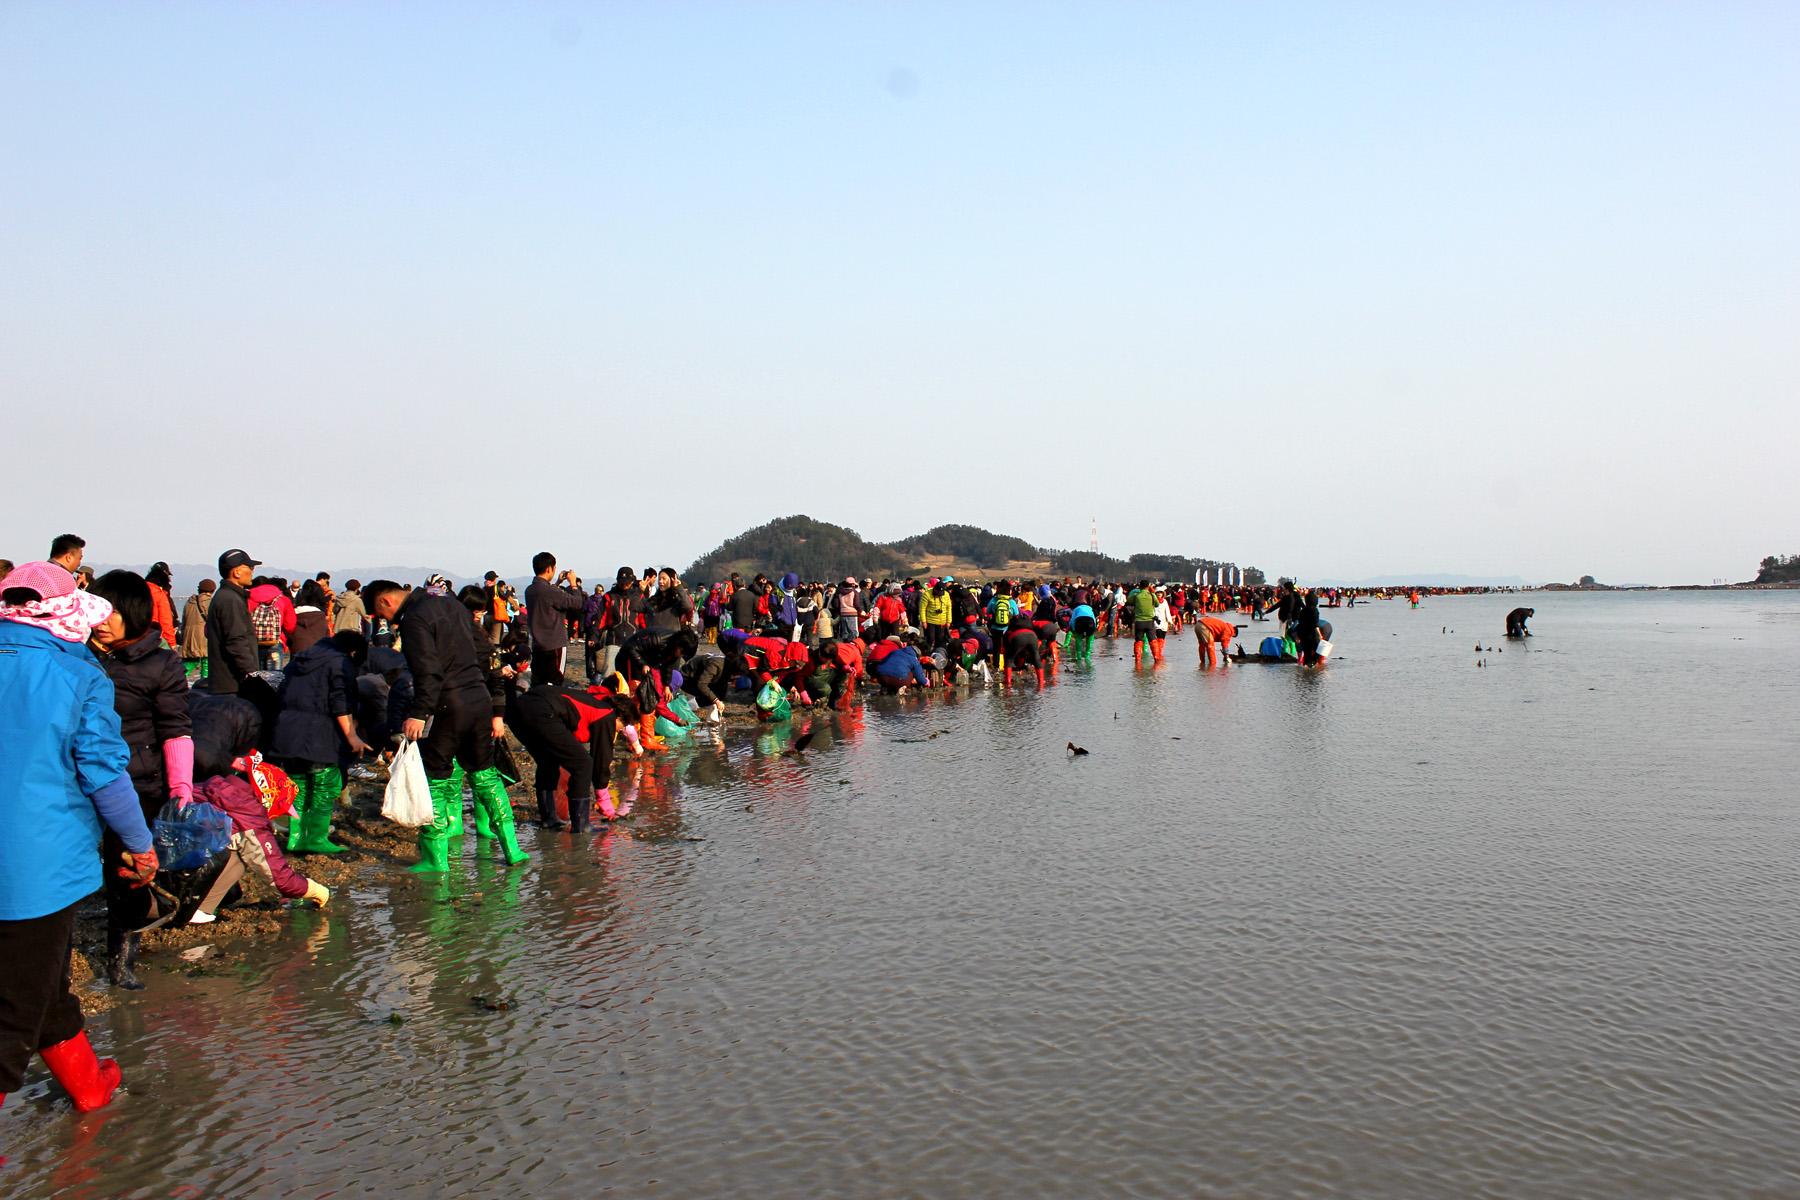 صورة مهرجان انشقاق البحر , طريق جيندو البحري